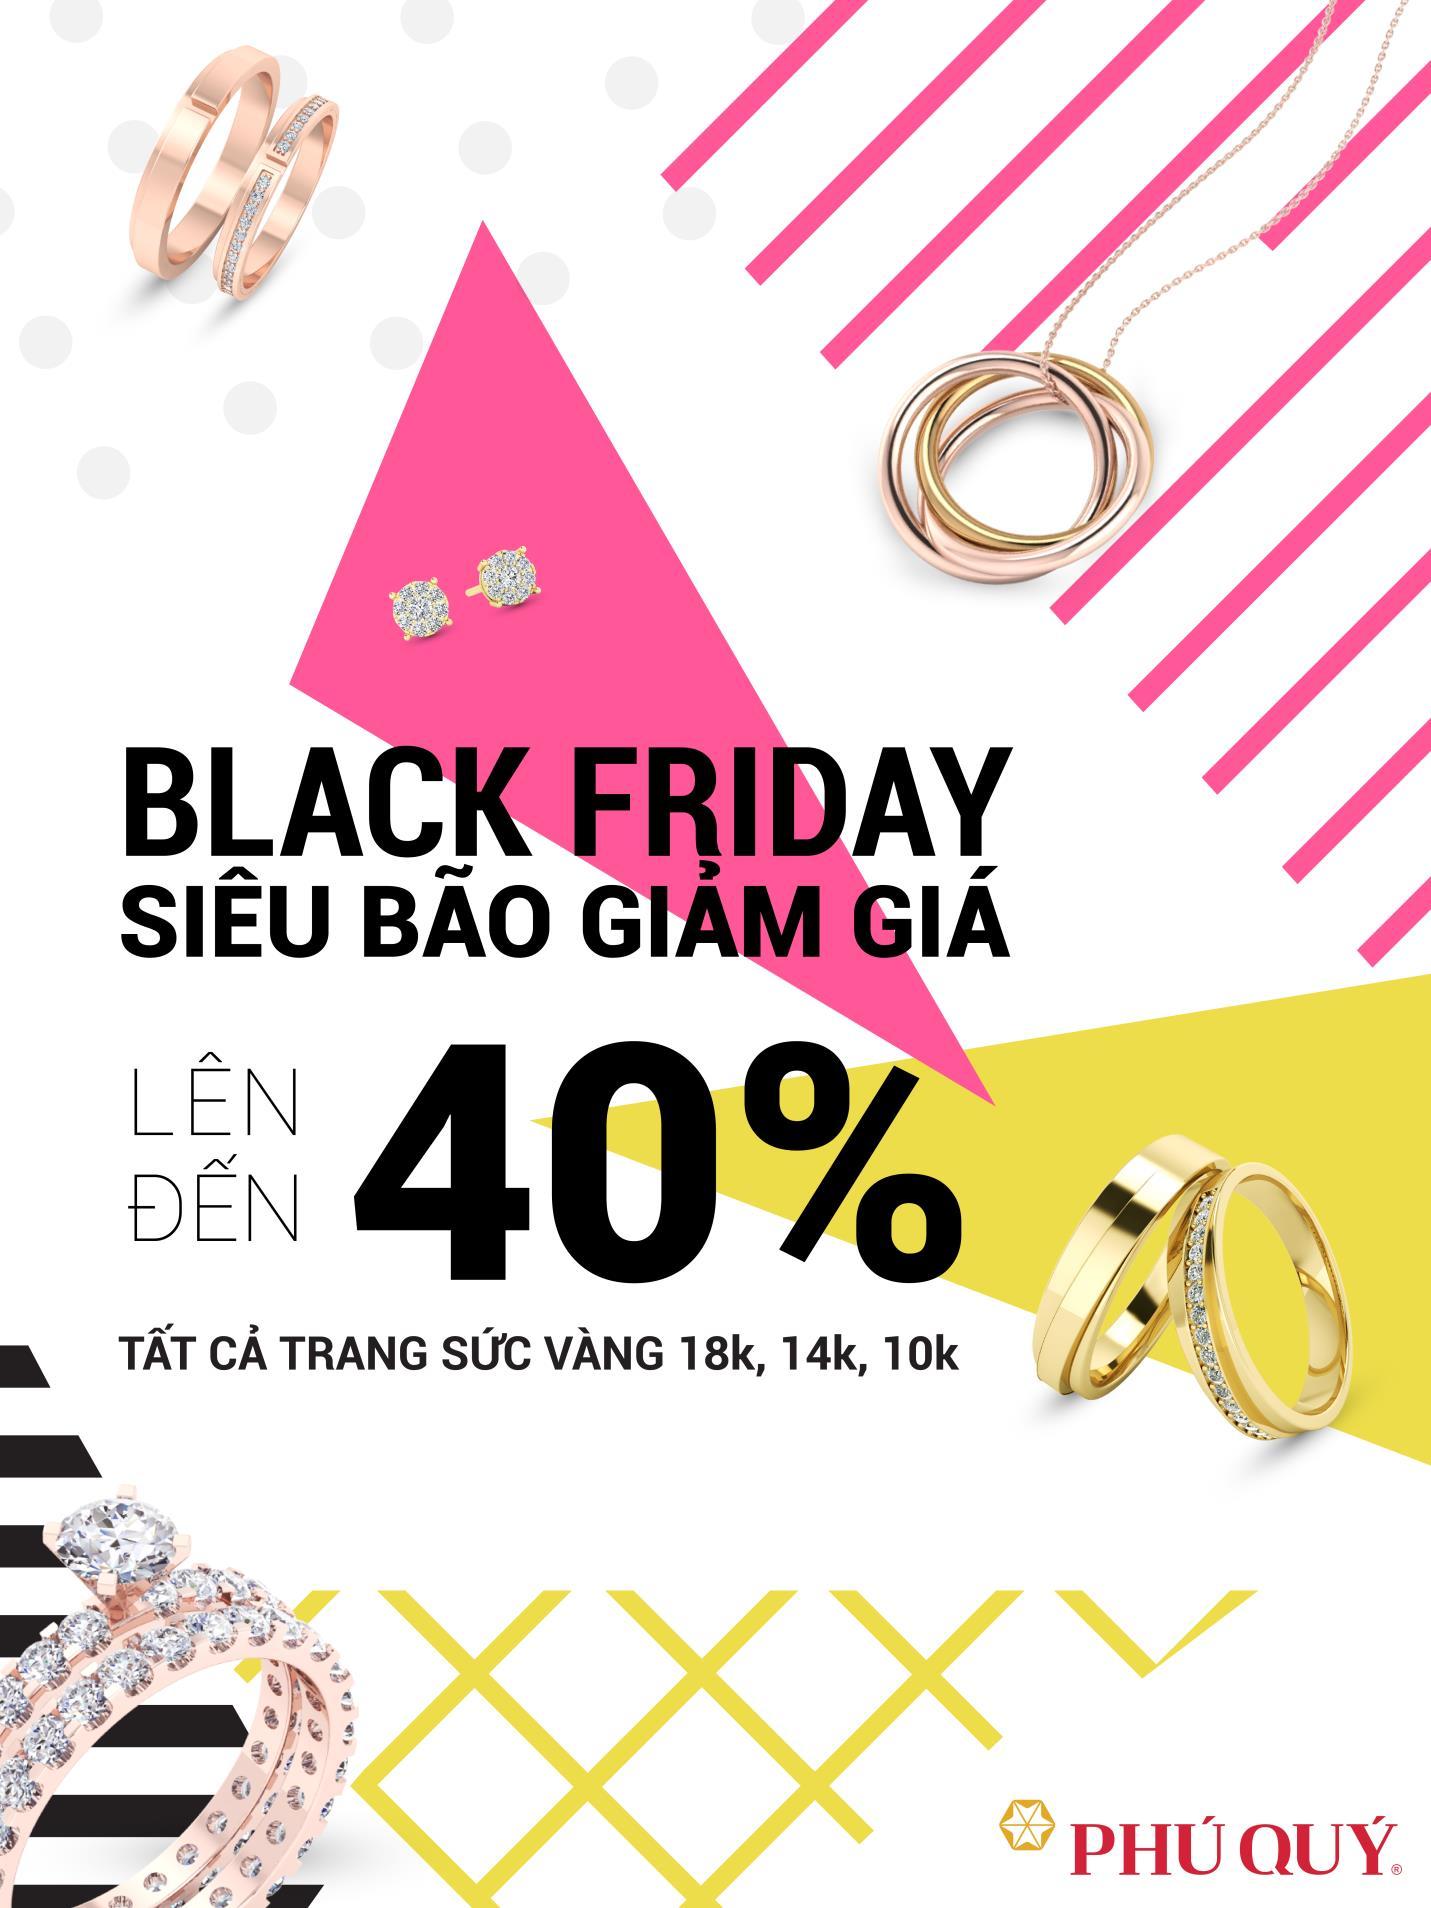 Vàng bạc đá quý Phú Qúy siêu giảm giá đến 40% dịp Black Friday 2018 - Ảnh 3.